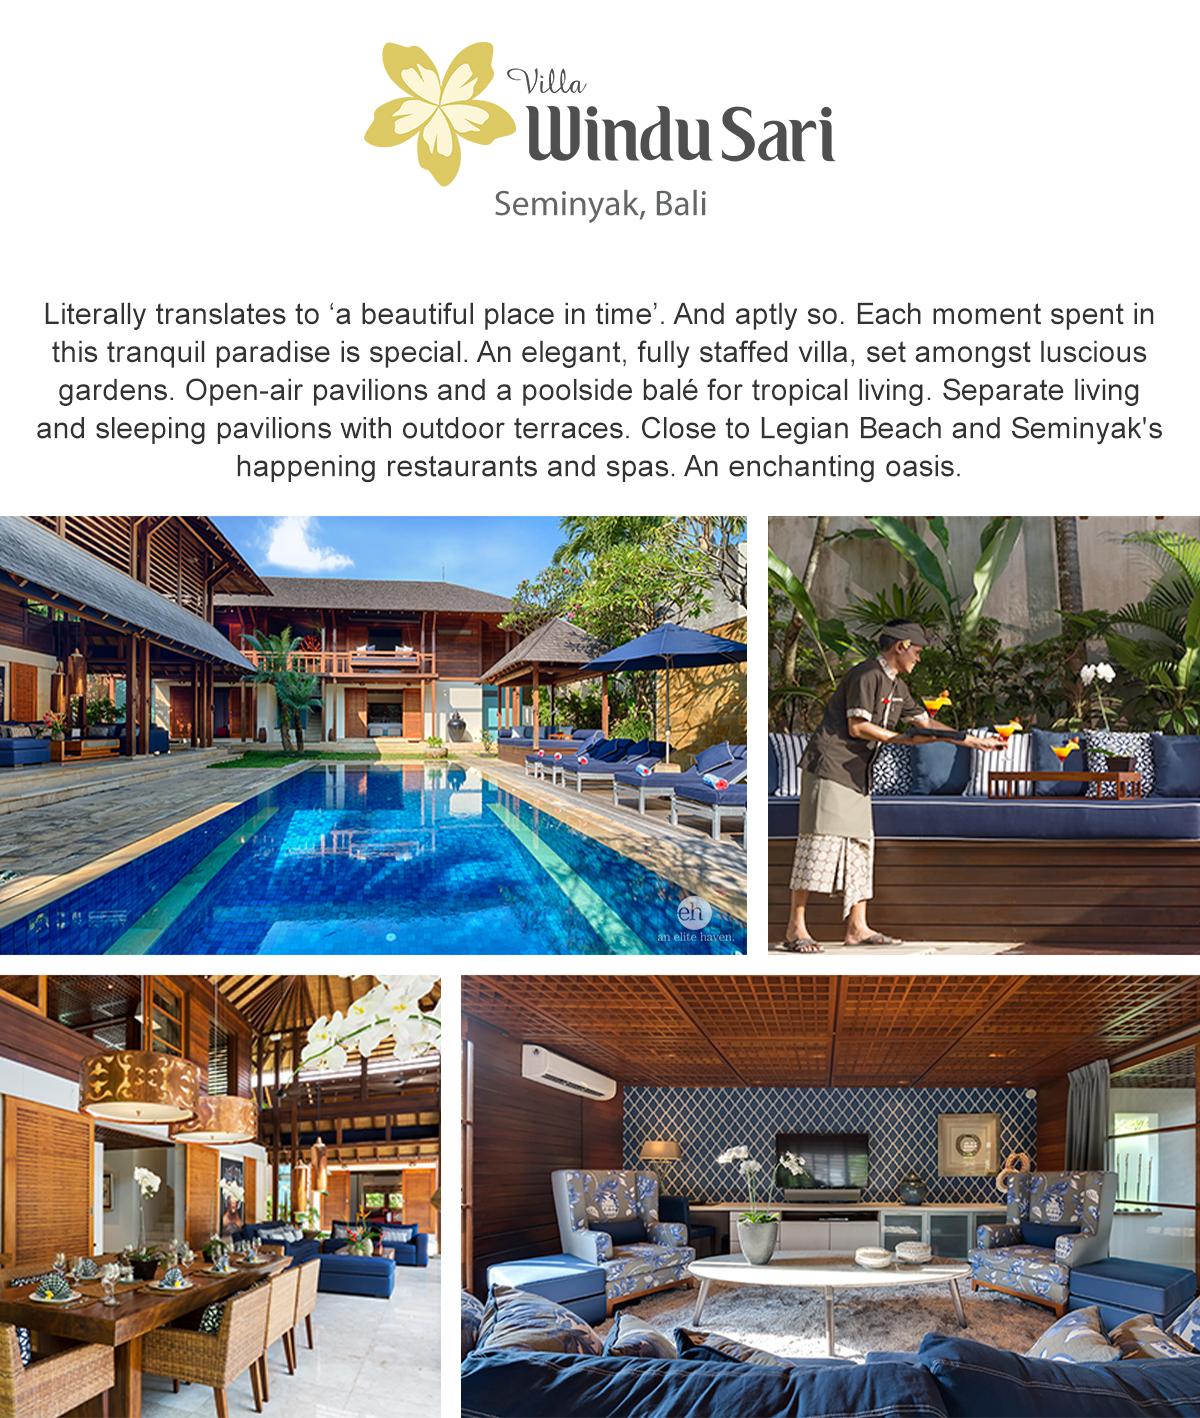 Windu Sari - Seminyak, Bali